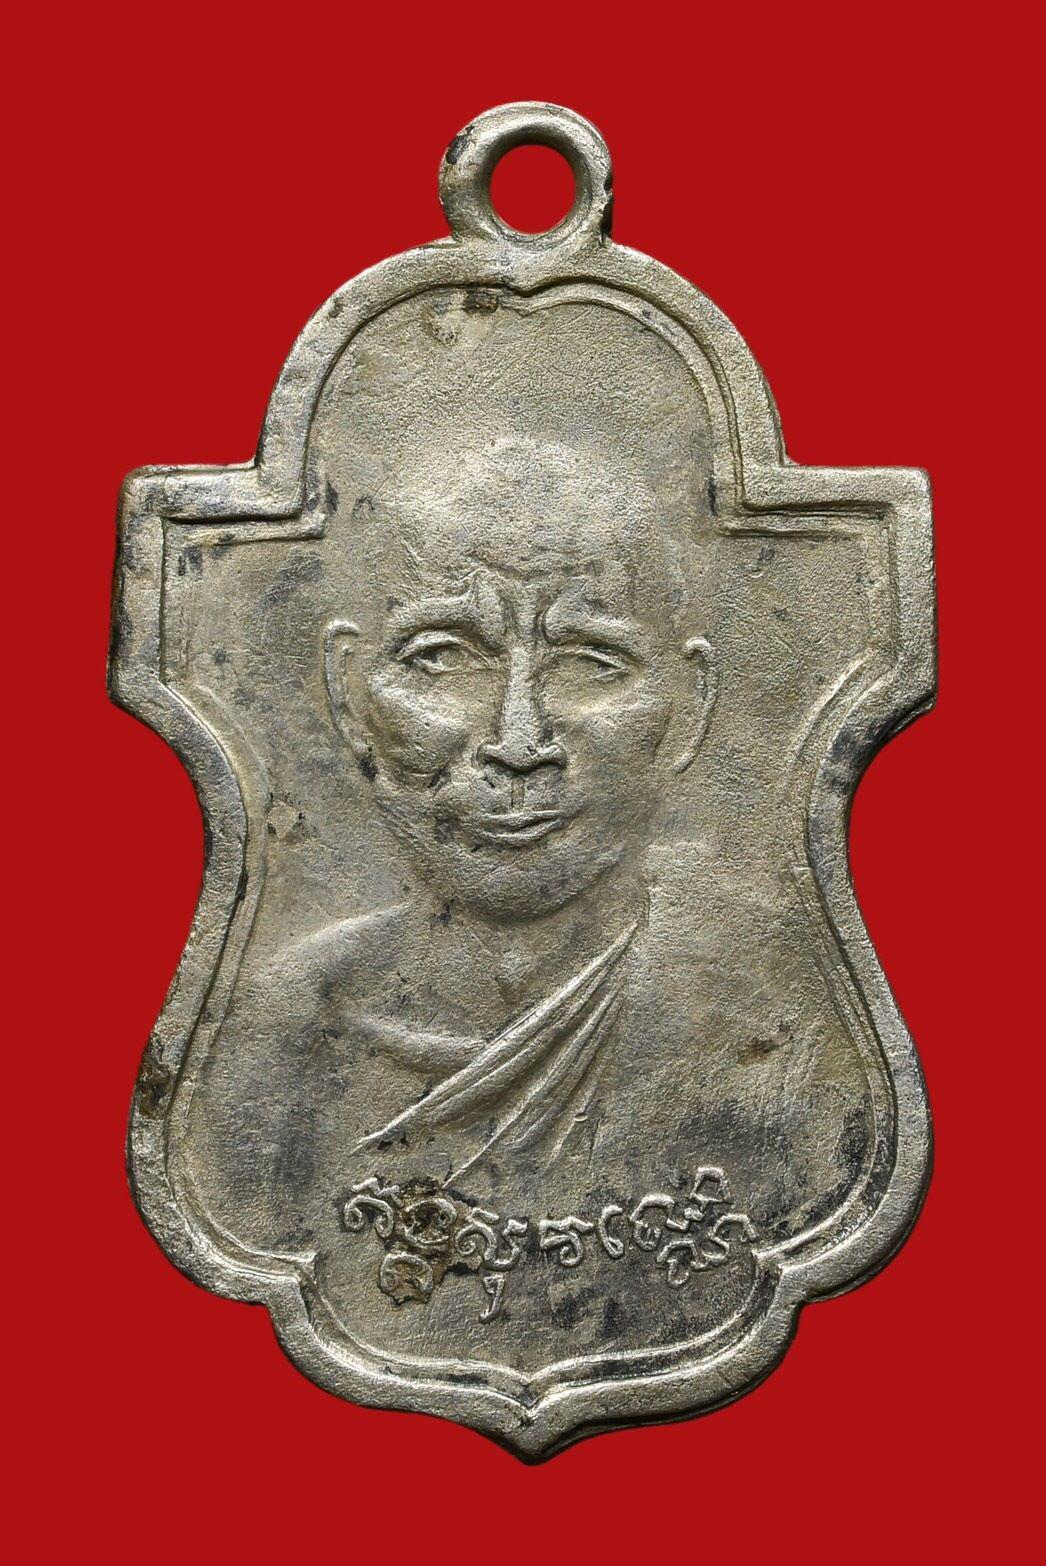 7. เหรียญหลวงพ่อเต๋ วัดสามง่าม (รุ่นแรก) อ.ดอนตูม จ.นครปฐม